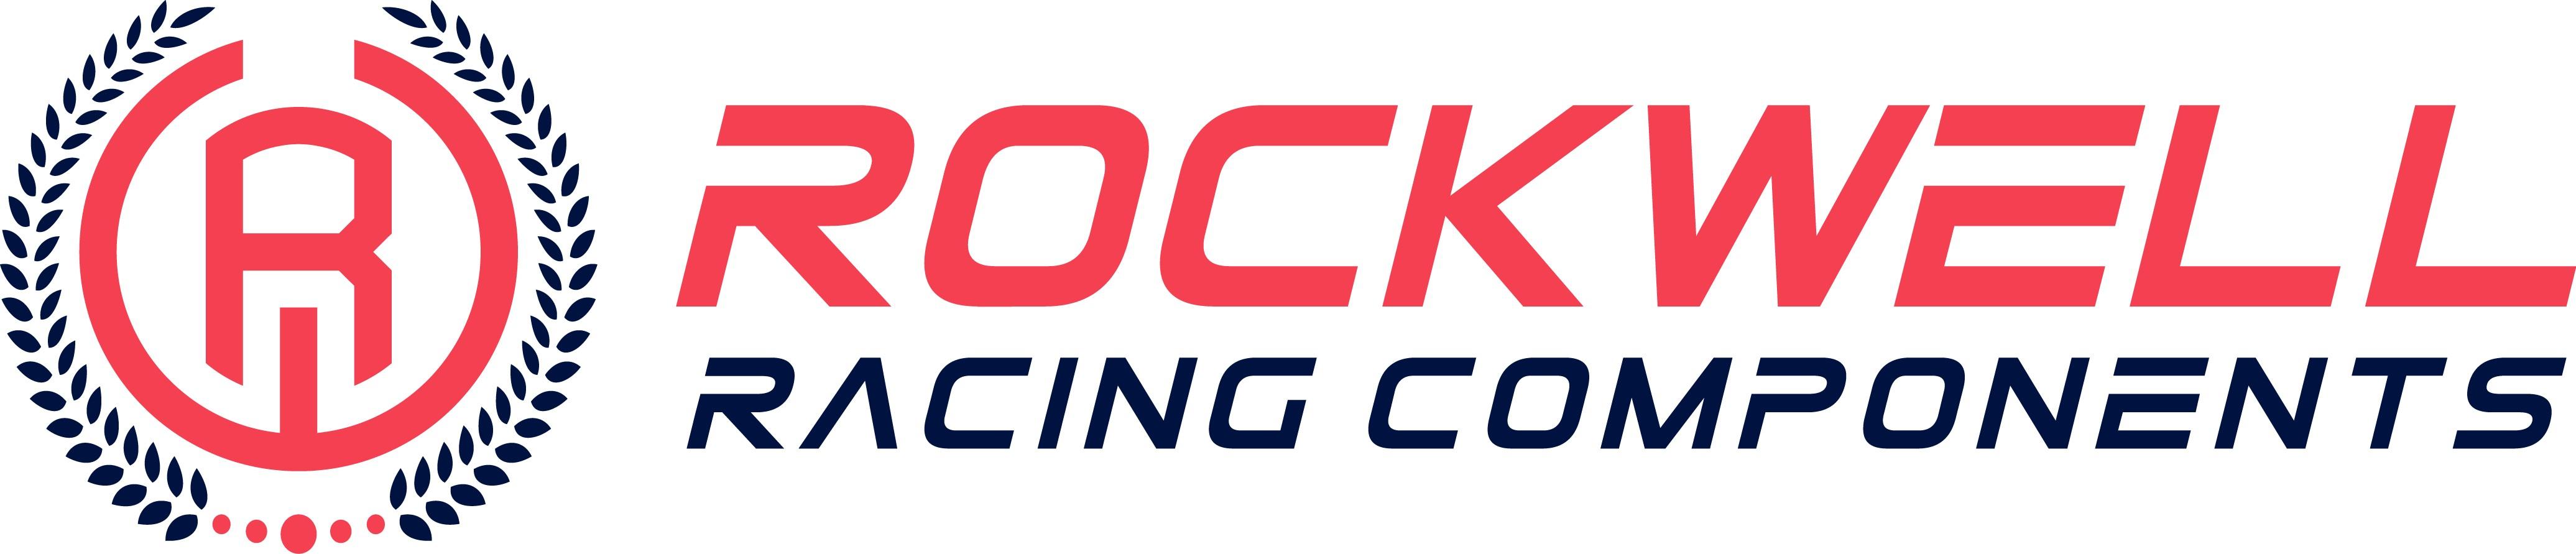 Rockwell Racing